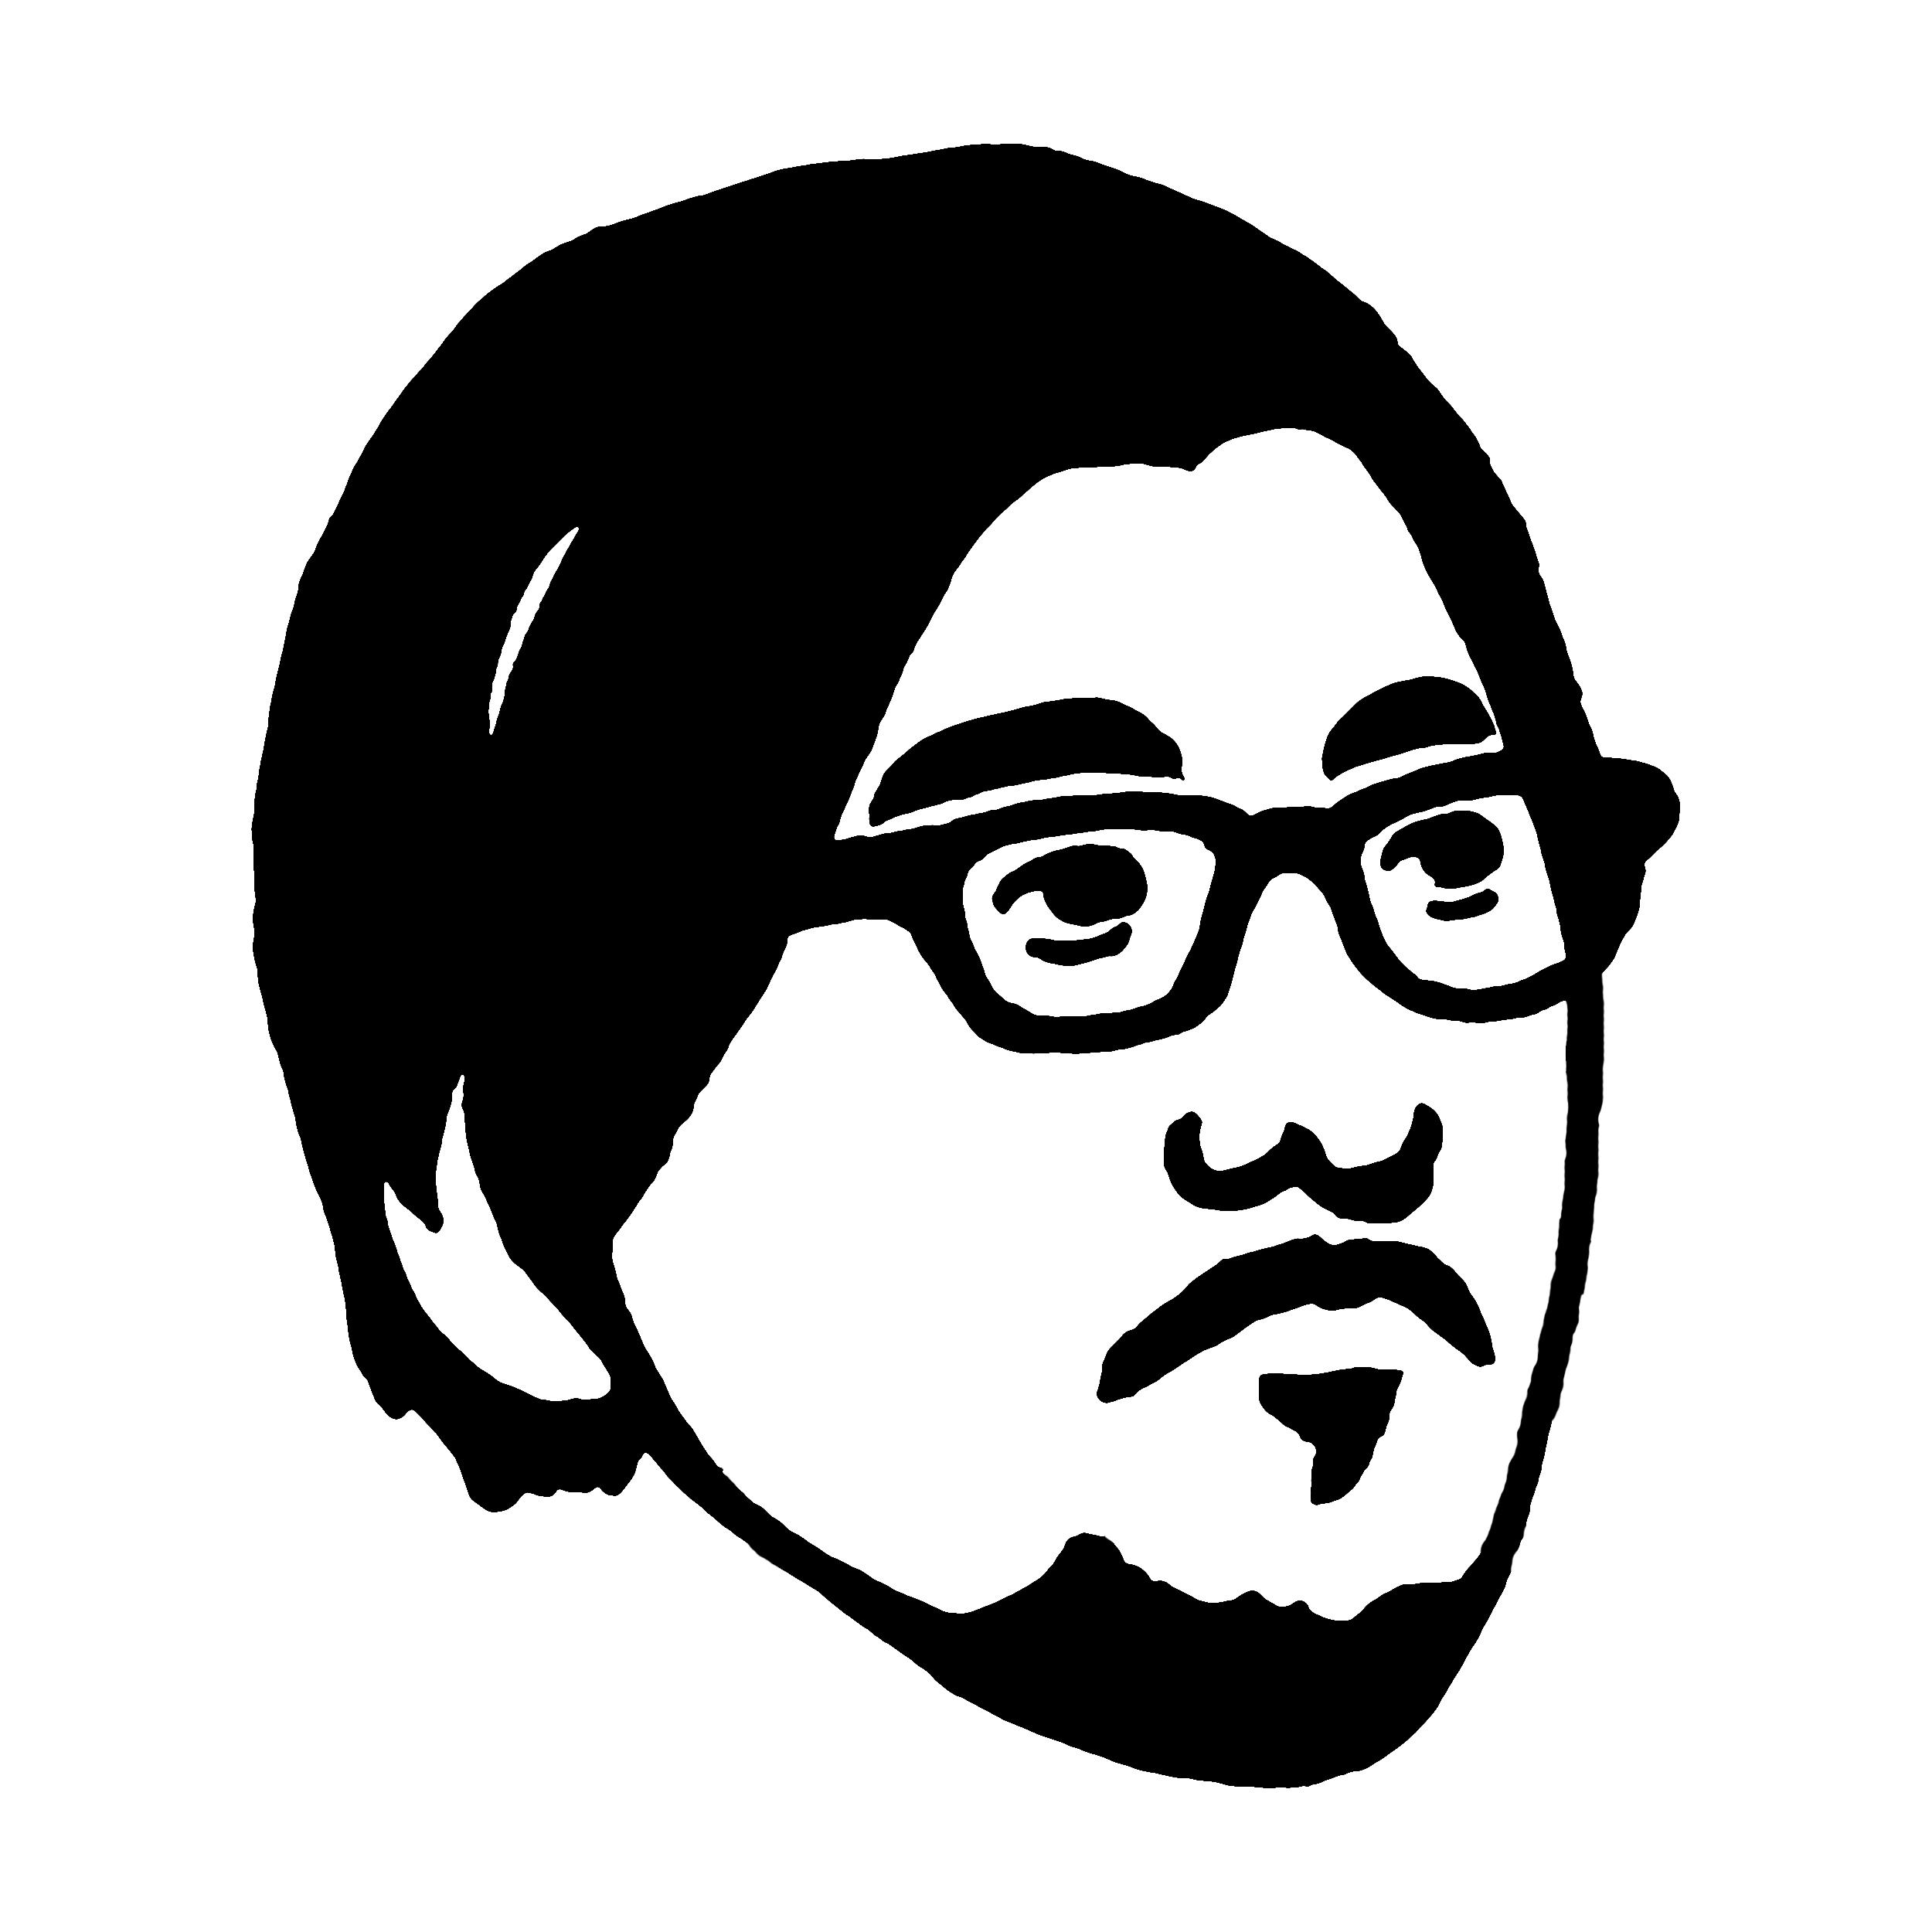 Tomita Lab_Tomita Keiichi_Ap.jpg